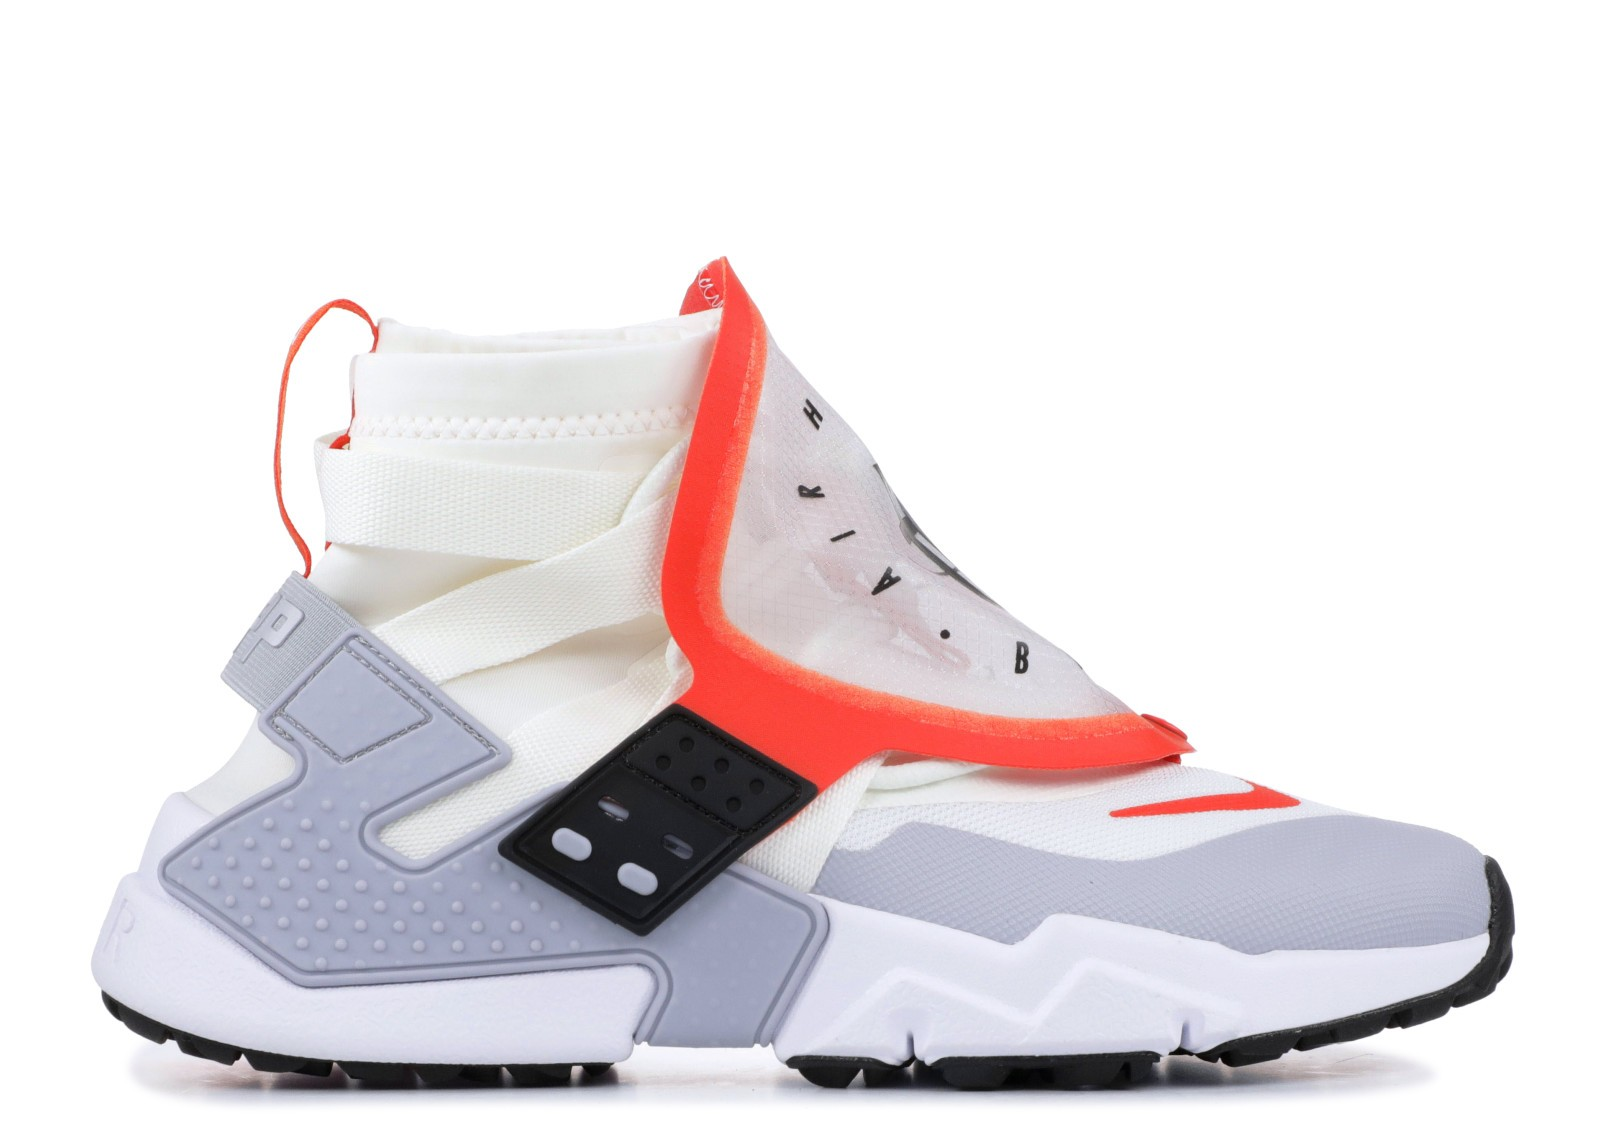 df223086b9a0 Prev Nike Air Huarache Gripp QS Sail Orange White Casual Shoes AT0298-100.  Zoom